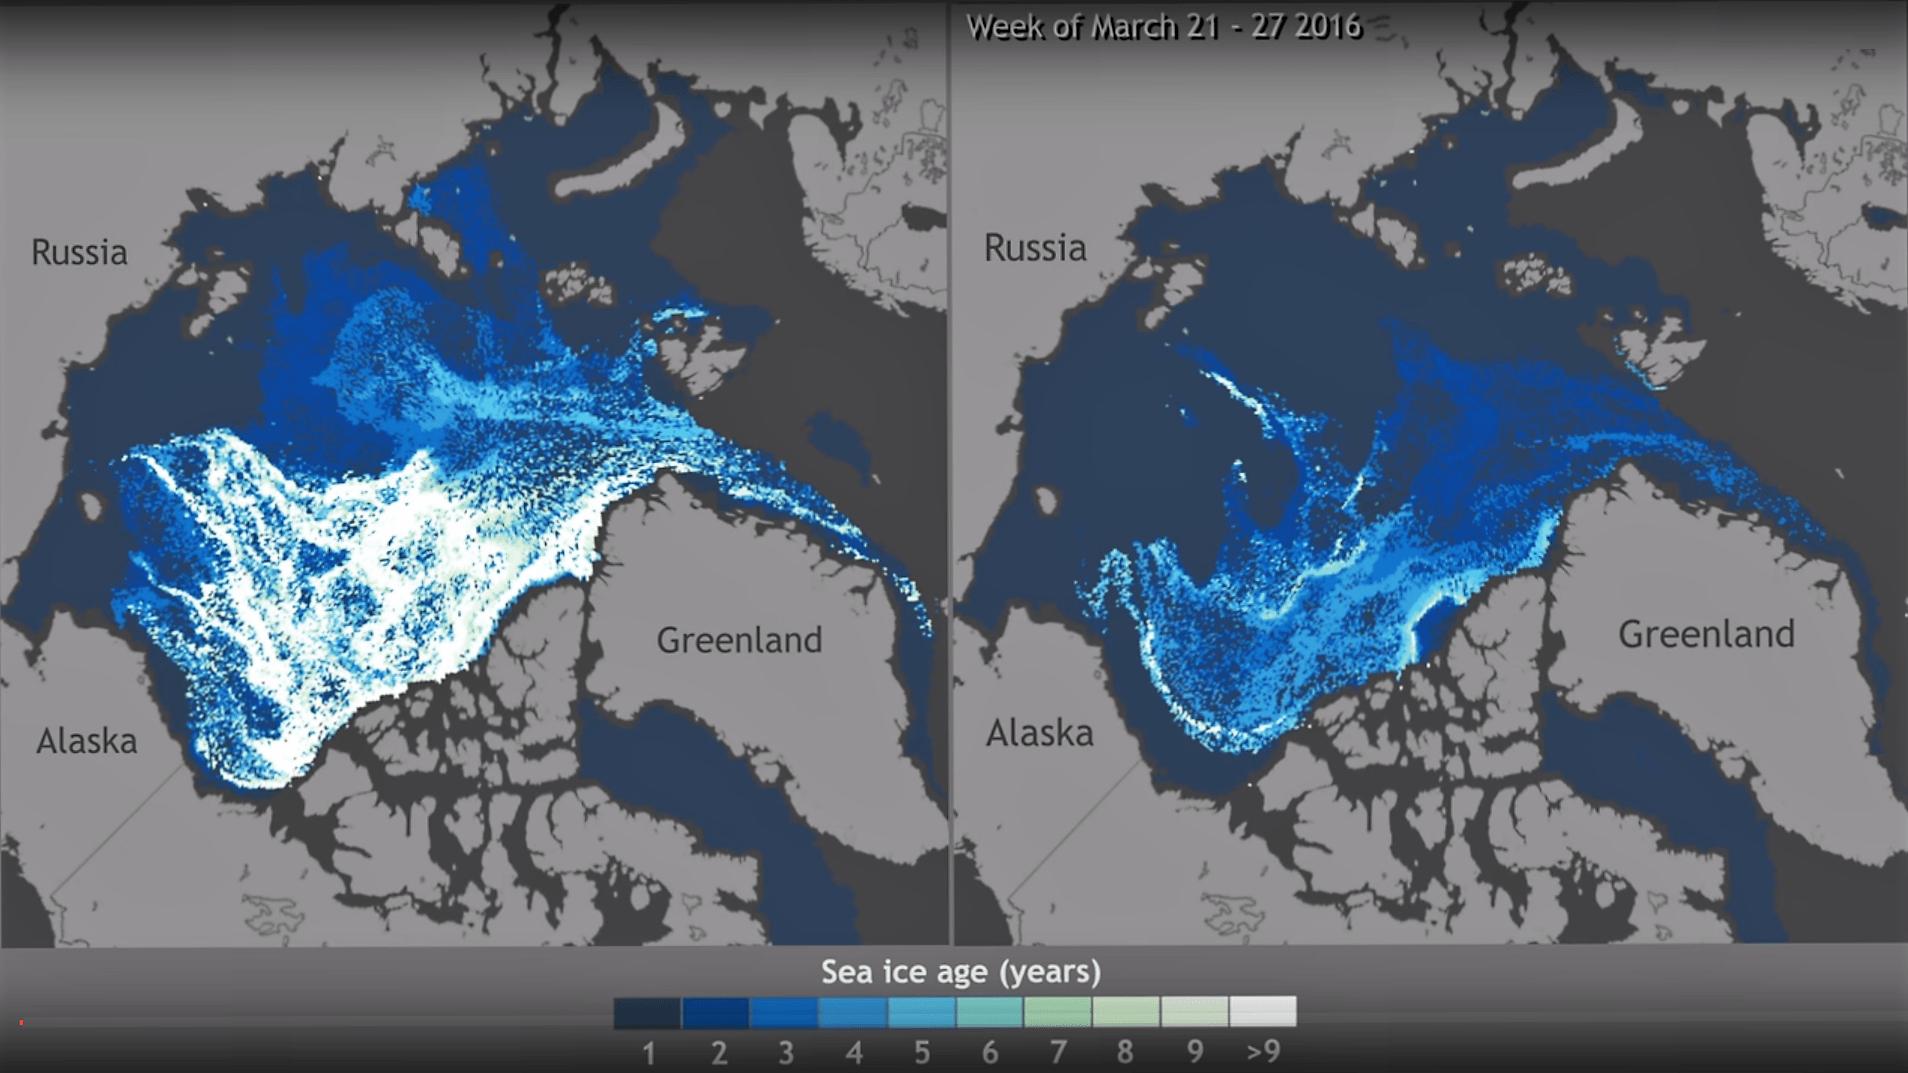 Este interesantísimo pero perturbador vídeo muestra la evolución de los hielos del Ártico desde 1990 hasta hoy. Cuanto más se tarde en hacer algo, más difícil será actuar.